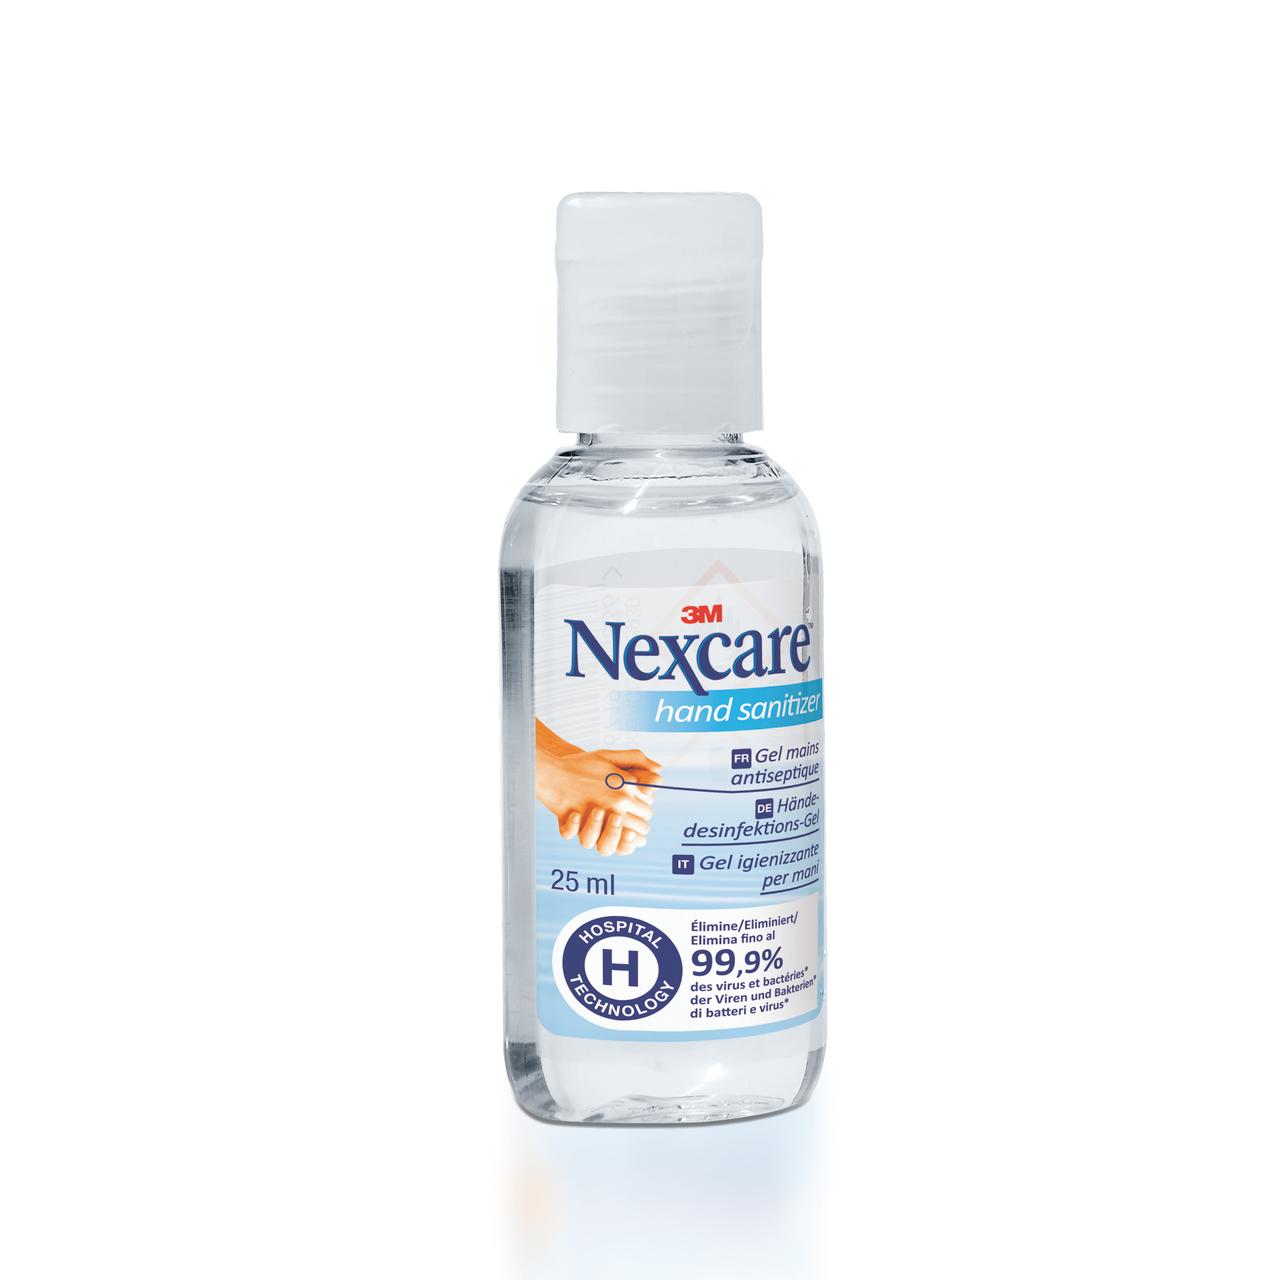 Nexcare™ Hände Desinfektions-Gel, 25 ml